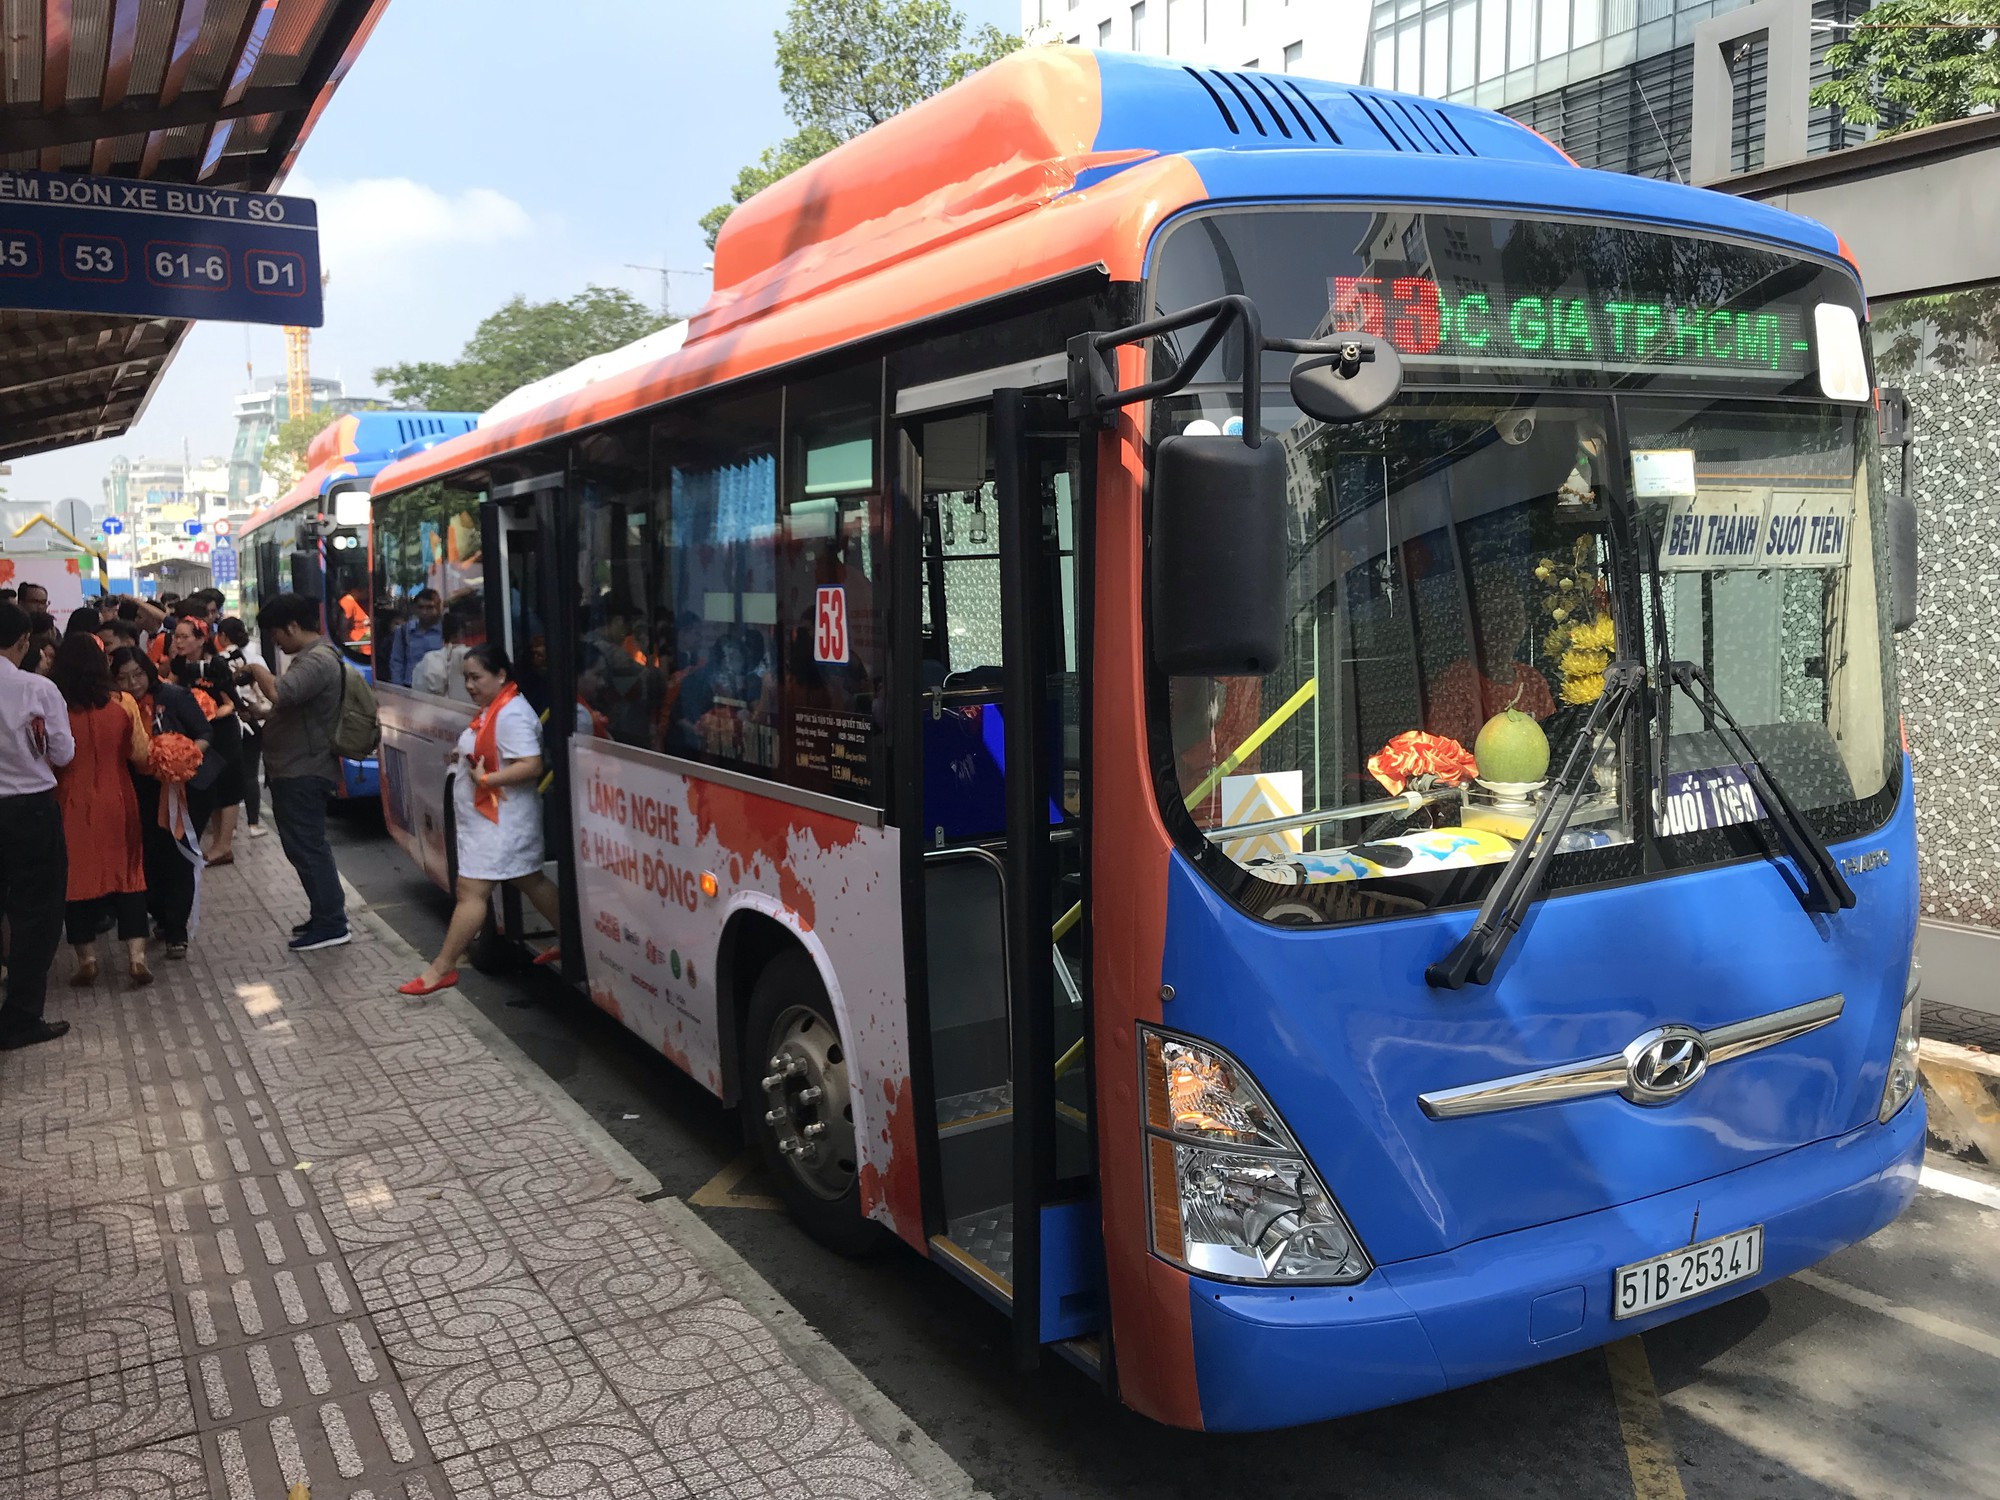 Sở Y tế TP.HCM đề xuất tạm ngưng hoạt động xe buýt trên địa bàn thành phố trong thời gian tới để chống dịch COVID-19